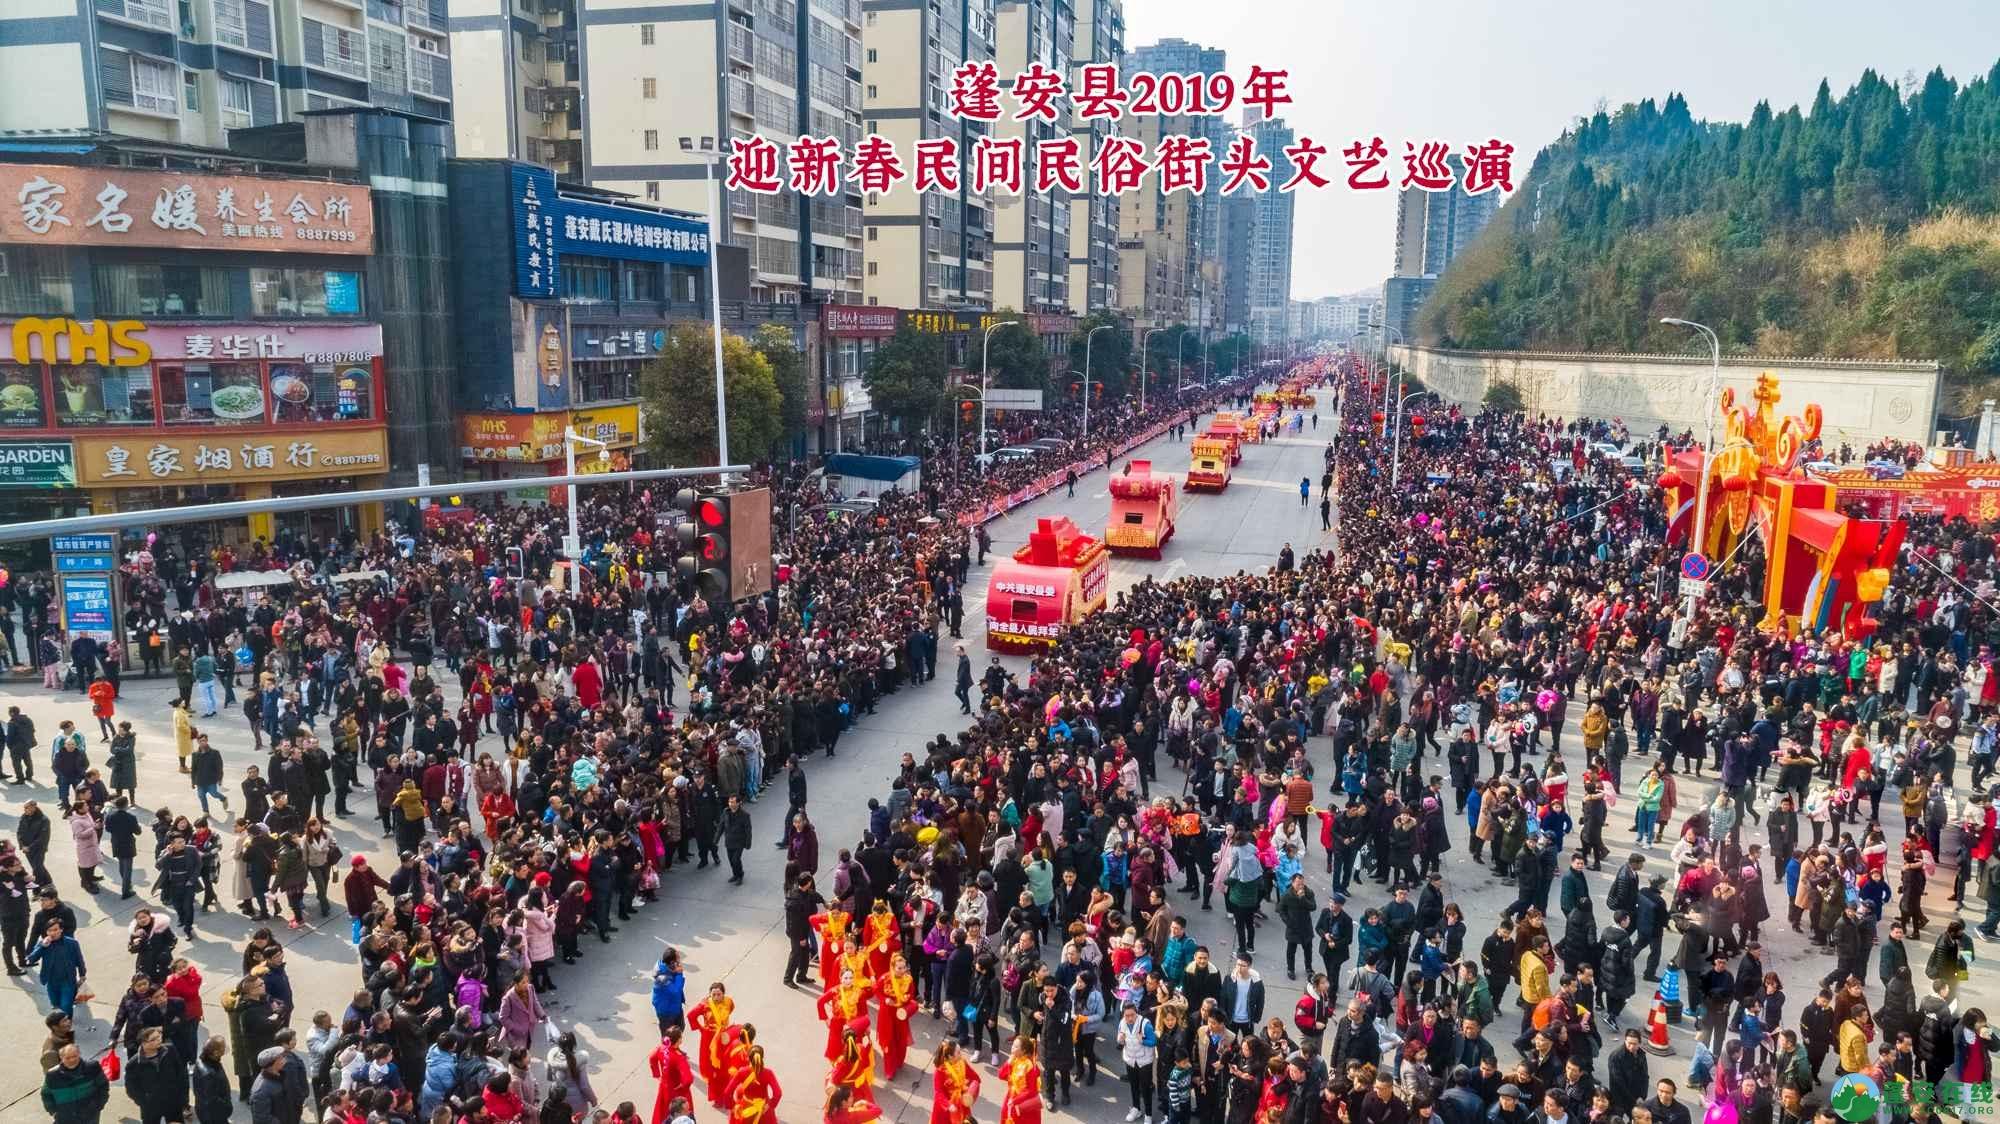 蓬安县2019年迎新春民间民俗街头文艺巡演精彩片段 - 第9张  | 蓬安在线